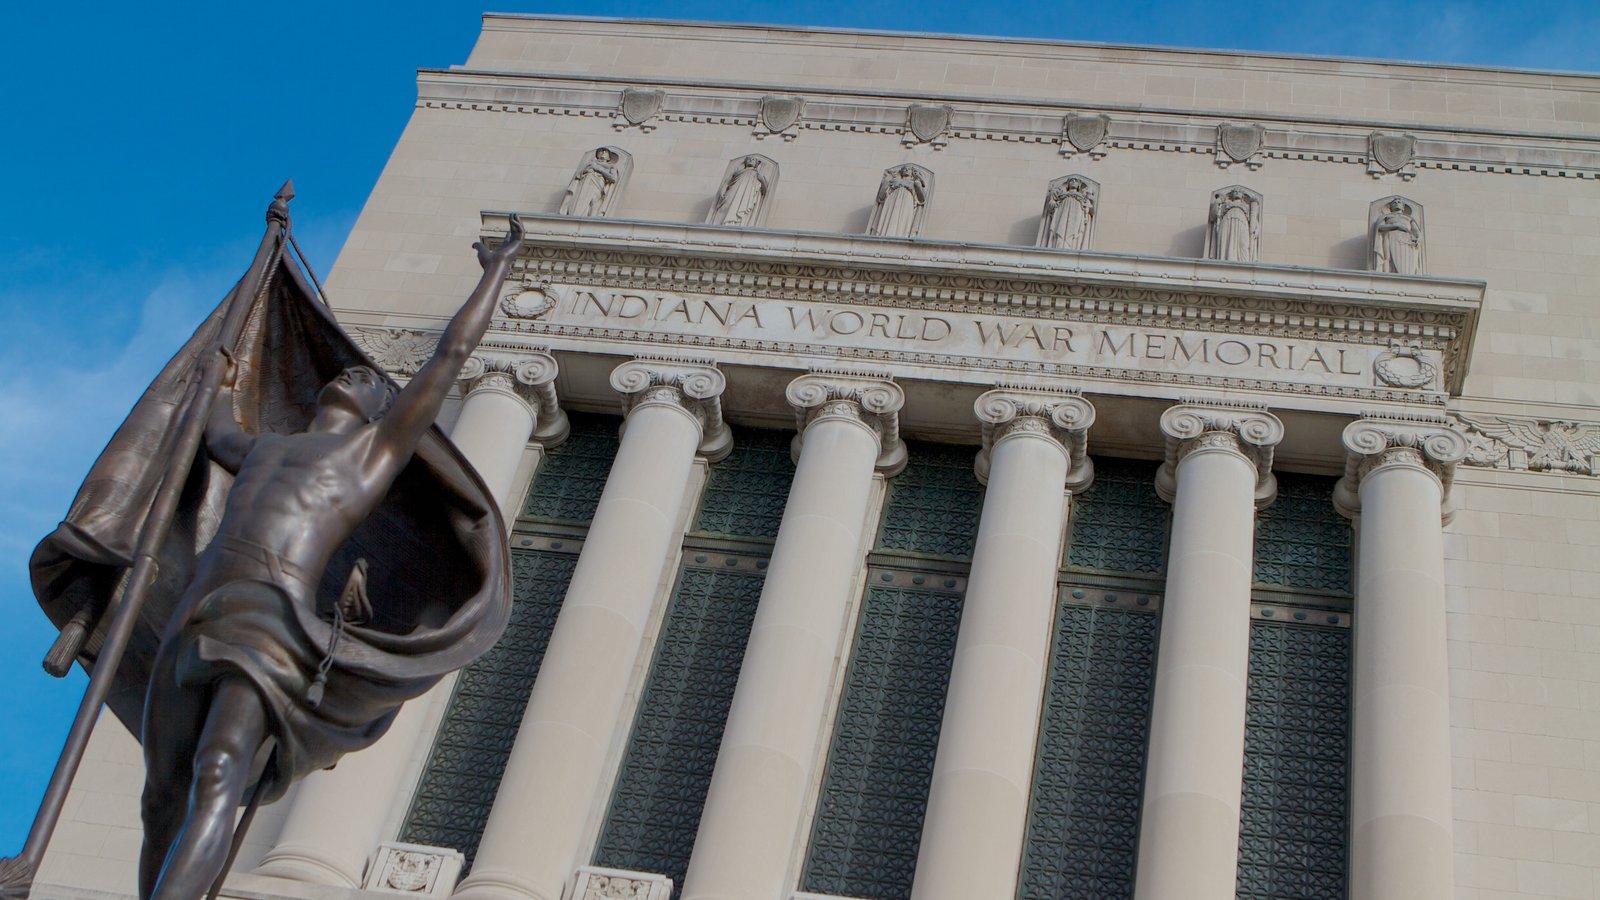 Indiana War Memorial que incluye arte, una estatua o escultura y un monumento